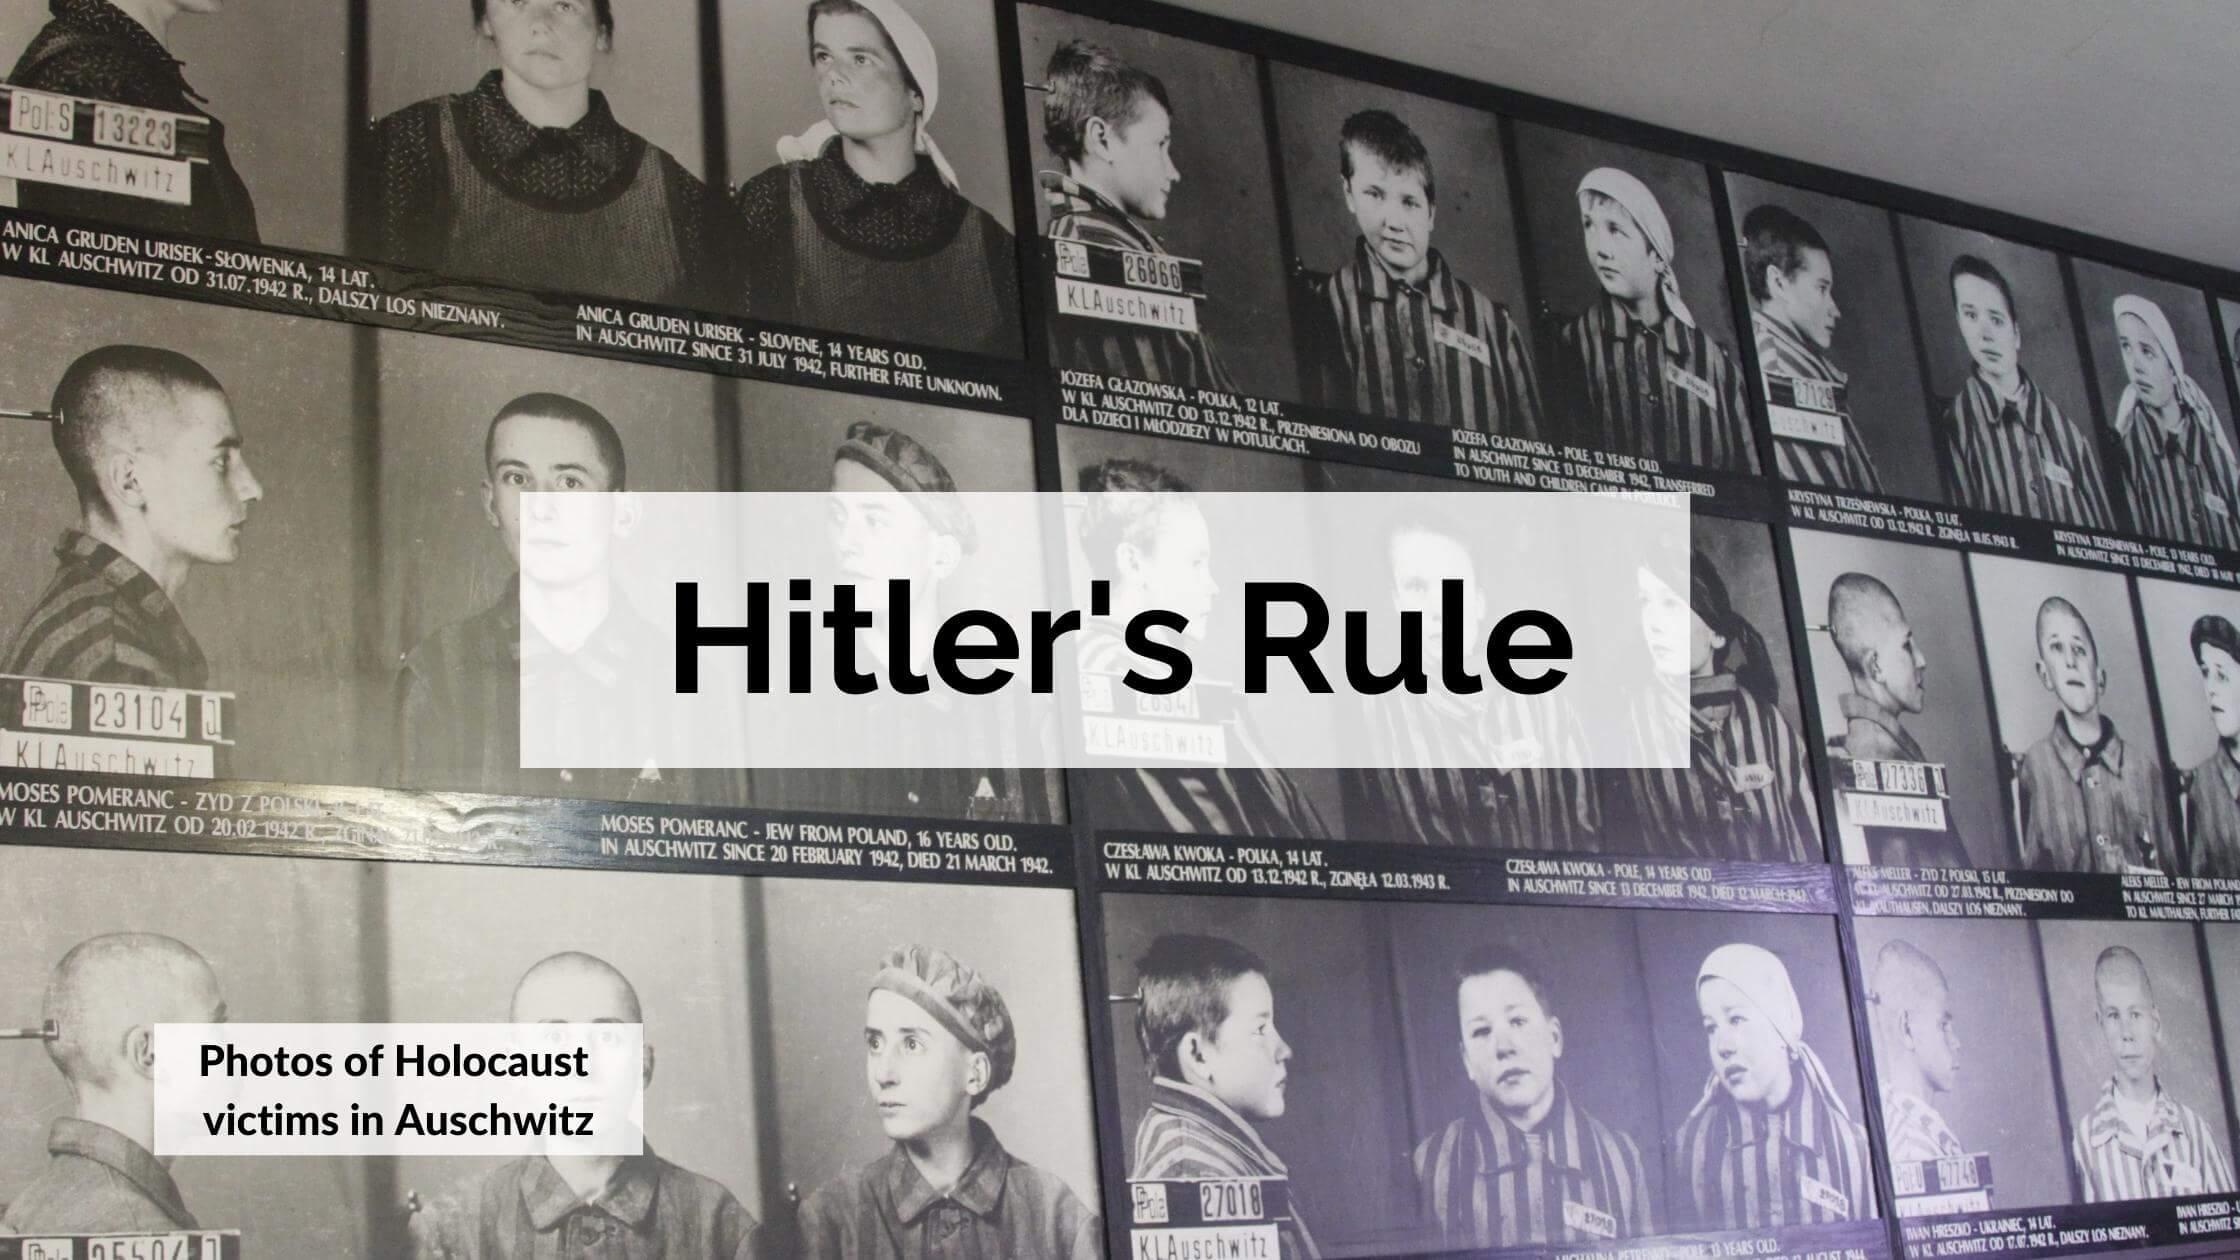 Hitler's Rule